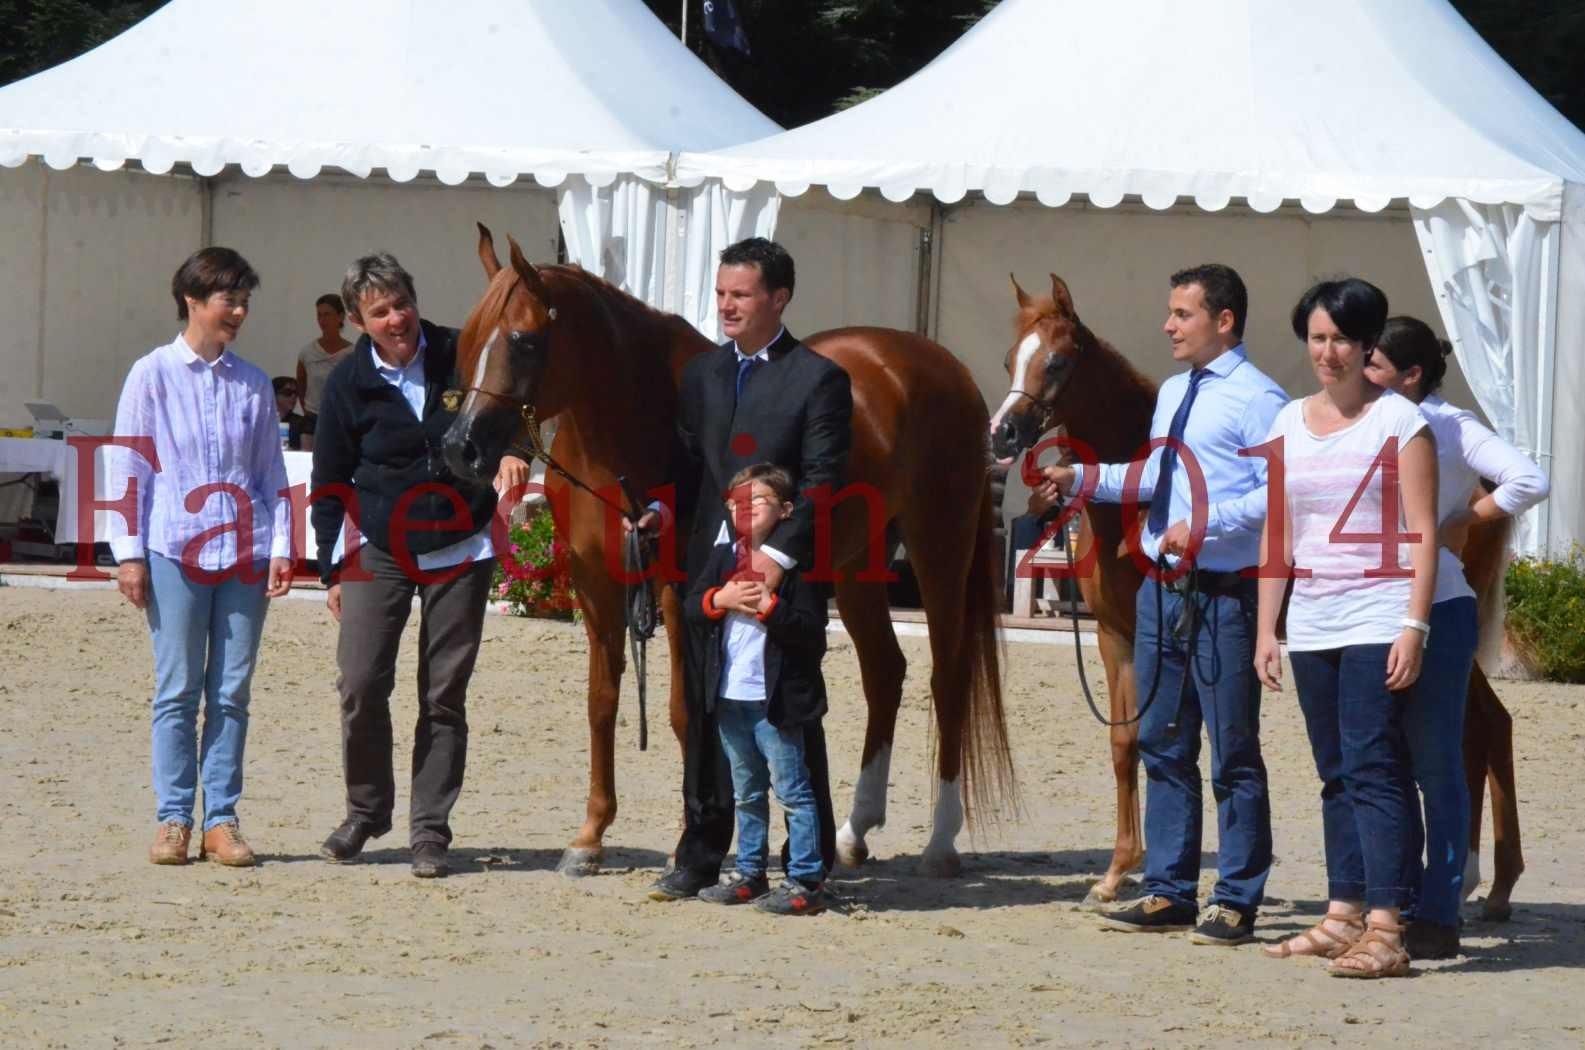 CHAMPIONNAT DE FRANCE 2014 A POMPADOUR - Sélection - KINSHASA JA - 73